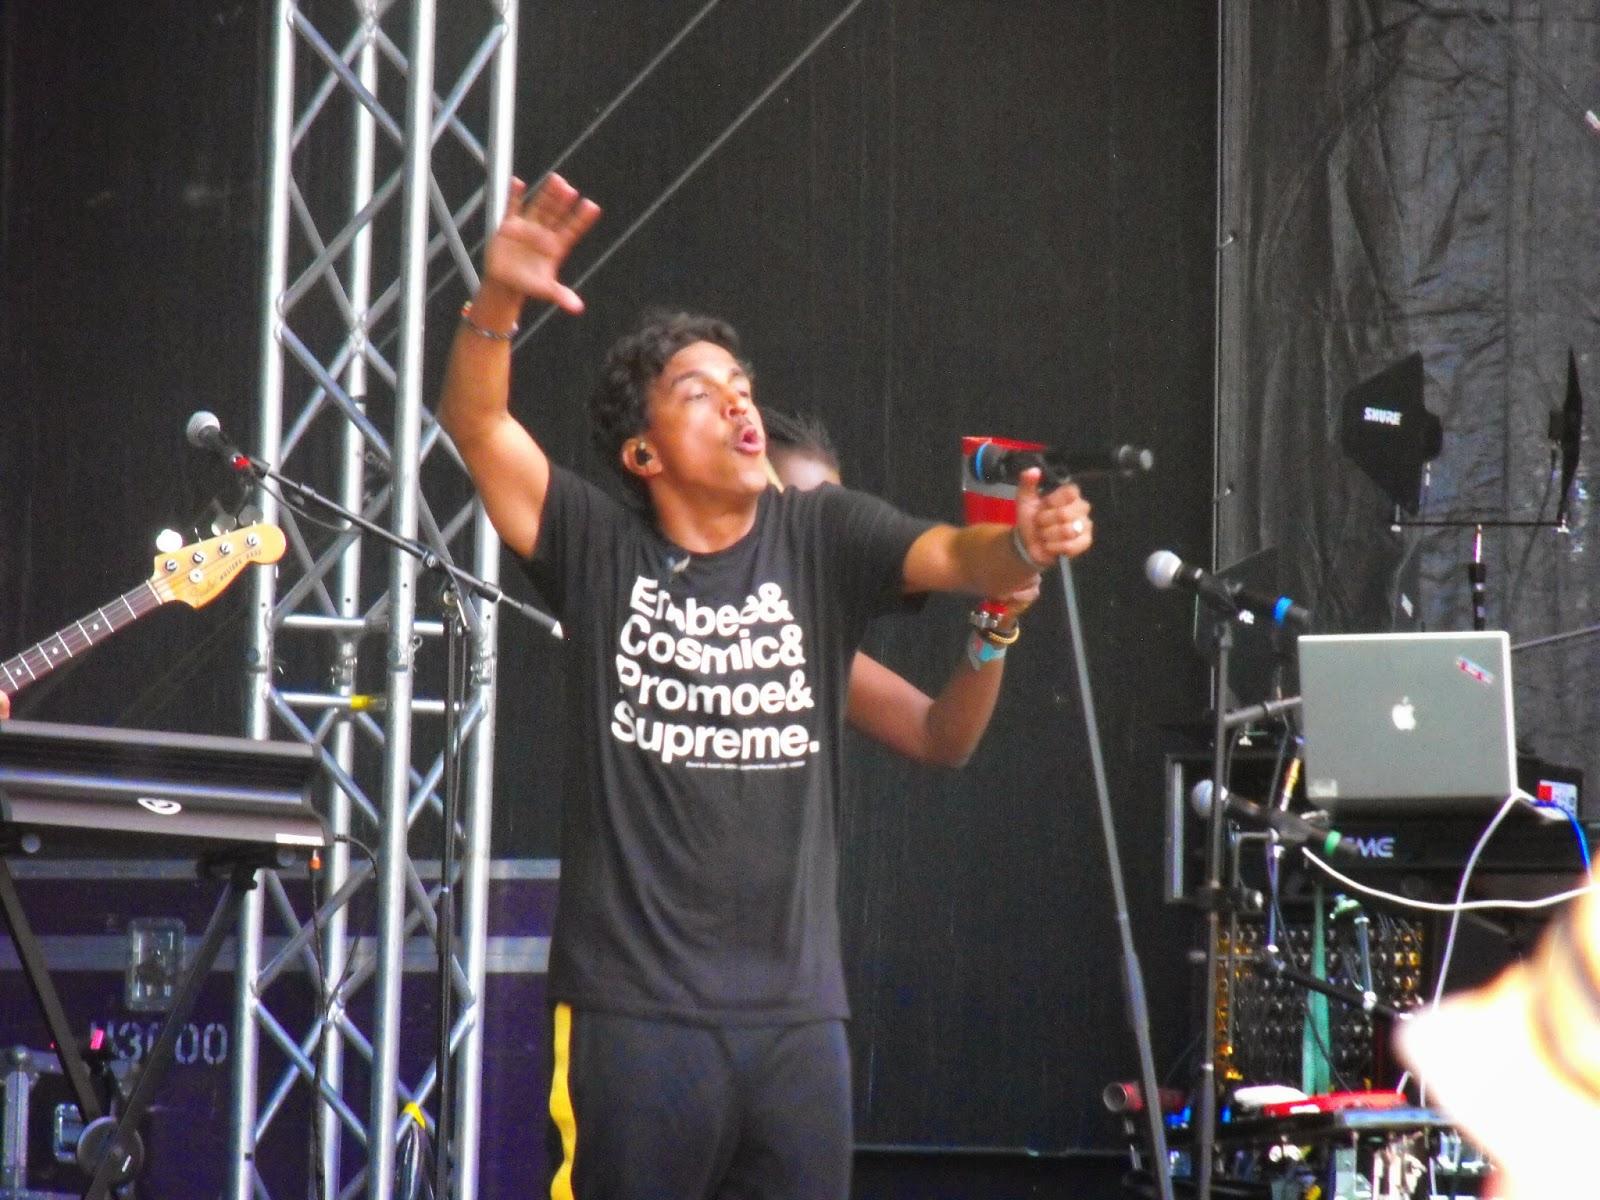 siestafestivalen, Siestafestivalen 2014, SiestaHlm, #SiestaHlm, Hässleholm, Sösdala, Barnfamilj, Musik, Glädje i hjärtat, Timbuktu, Timbuktu & Damn